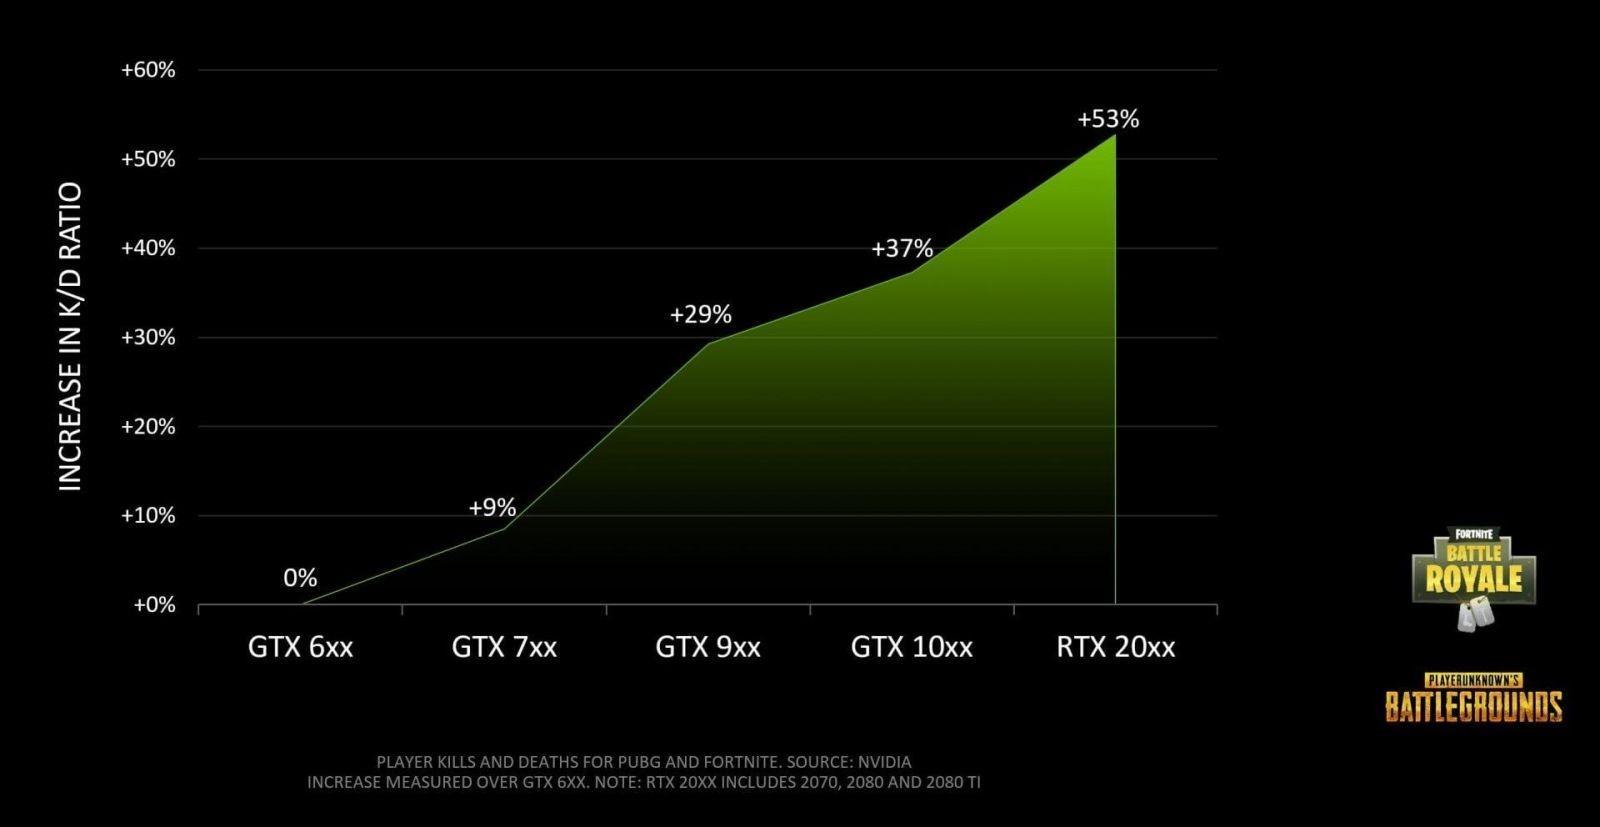 NVIDIA показала, почему геймеры PUBG и Fortnite должны инвестировать в видеокарты (nvidia graphics card vs kd ratio)